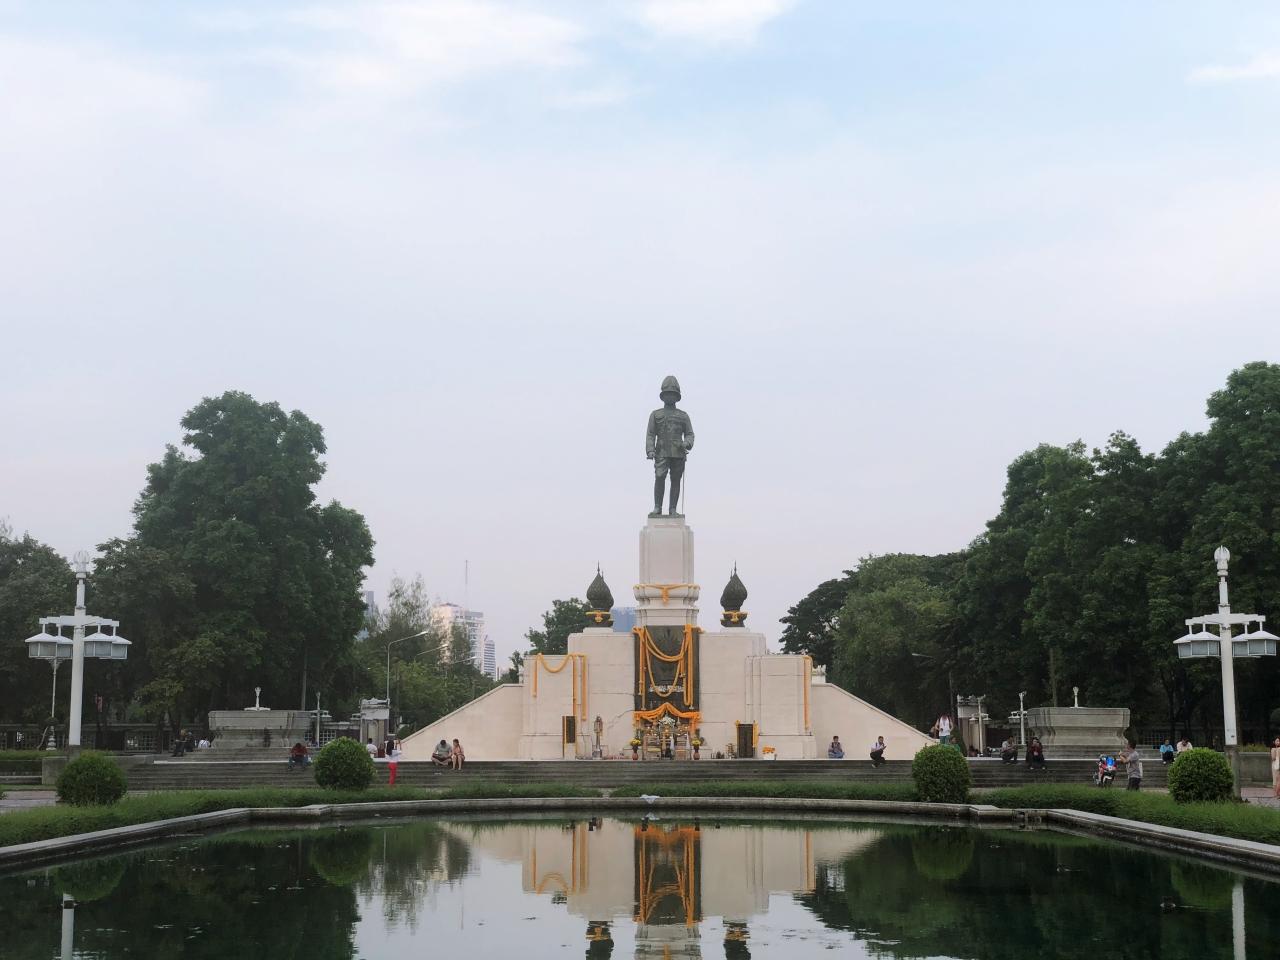 [방콕여행] 방콕의 허파 역할을 하는 공원《룸피니 공원》